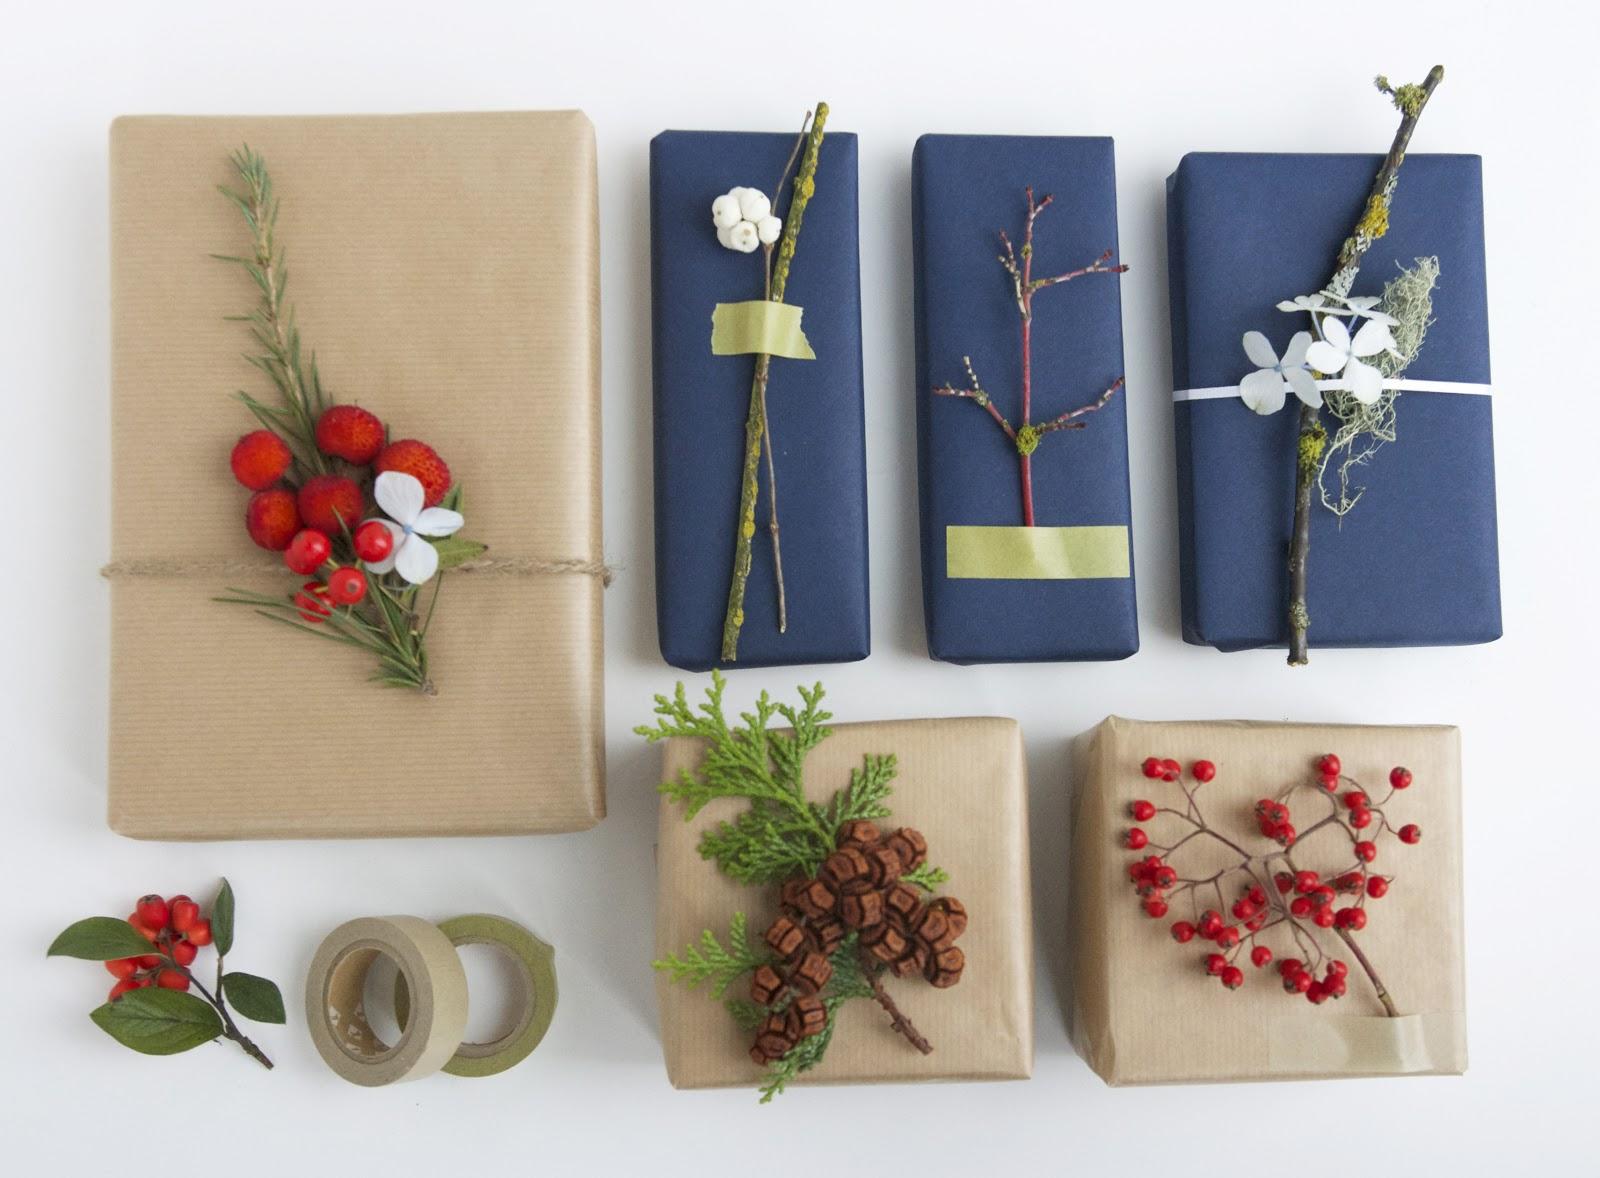 Веточки и бумага для оформления подарков